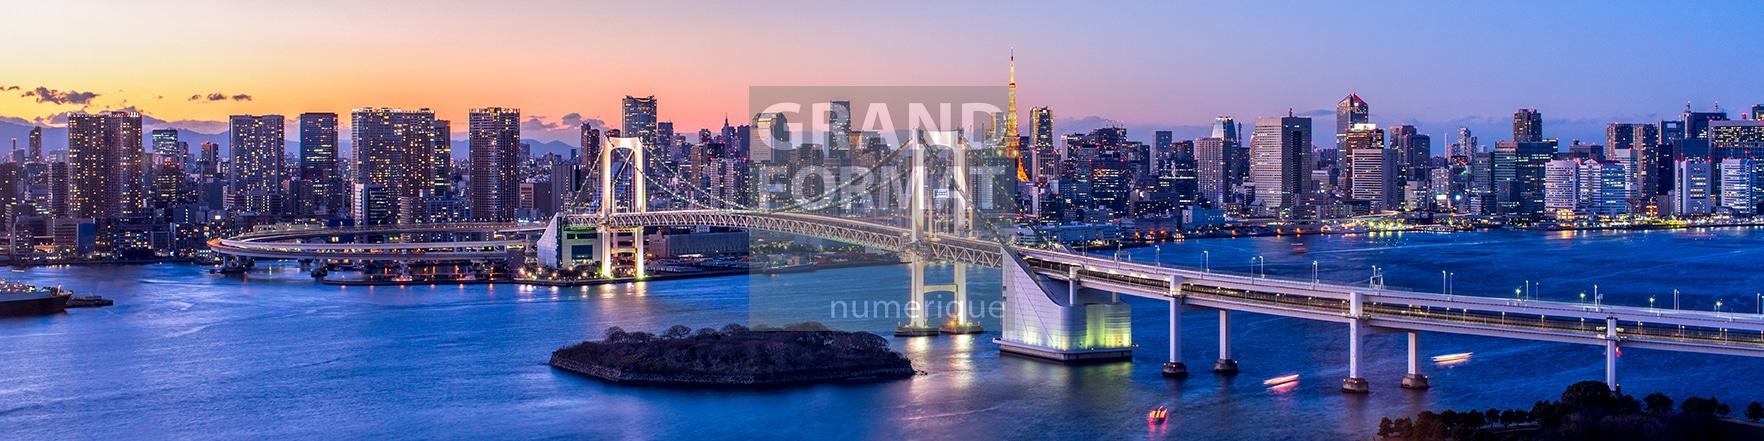 Tokyo japon photo impression et toile